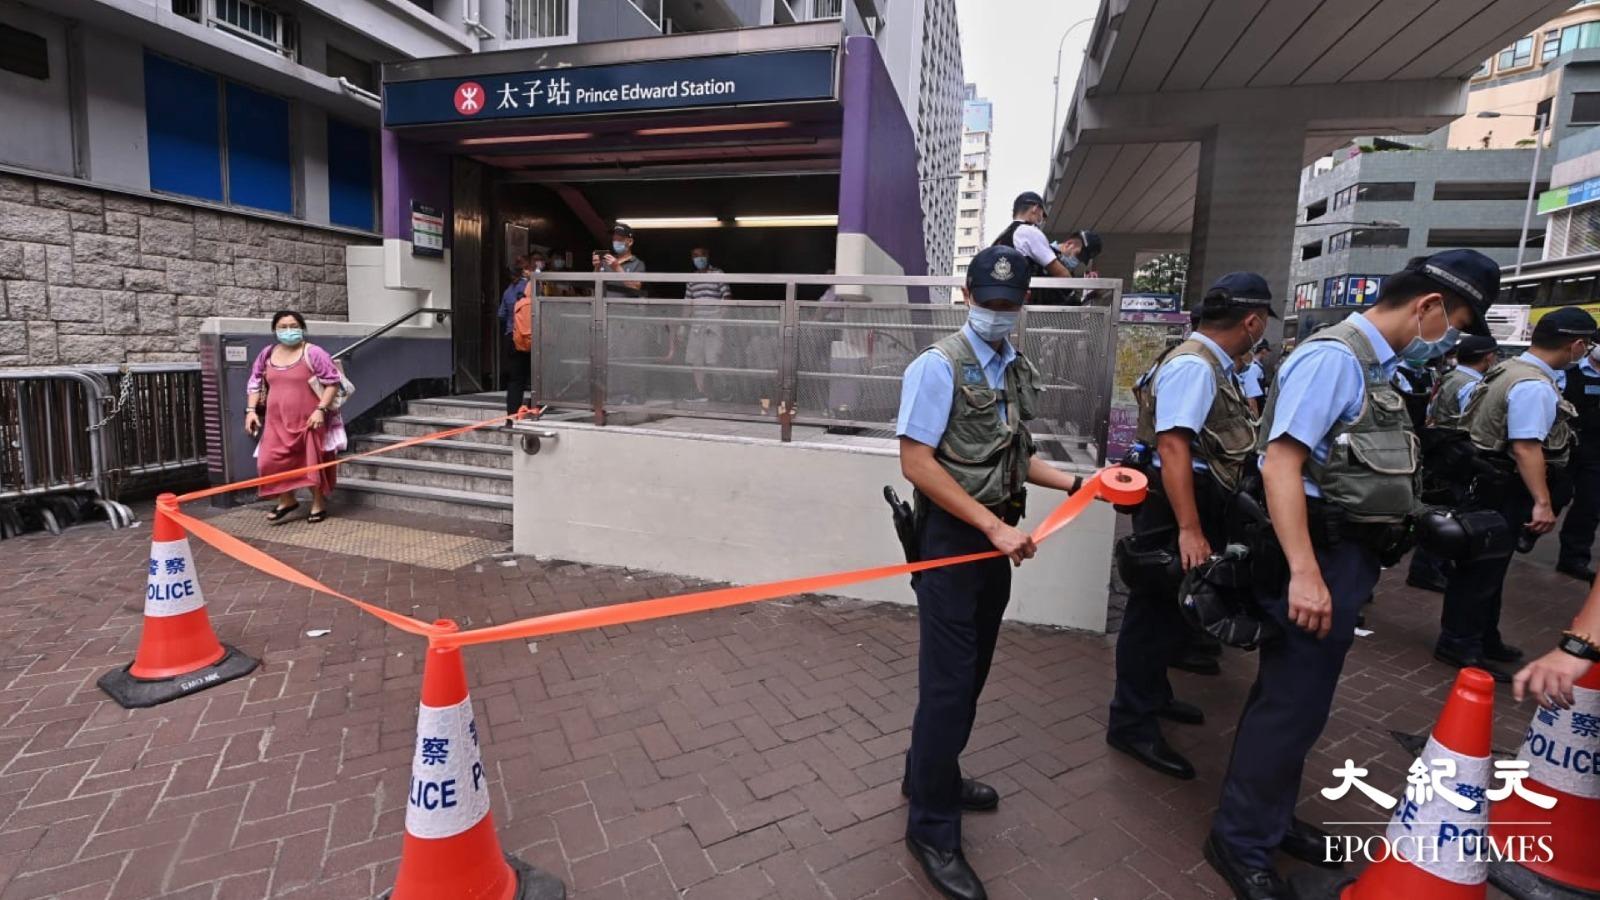 8月31日下午二時許,警員在太子站「祭壇」附近設立封鎖線戒備。(宋碧龍/大紀元)